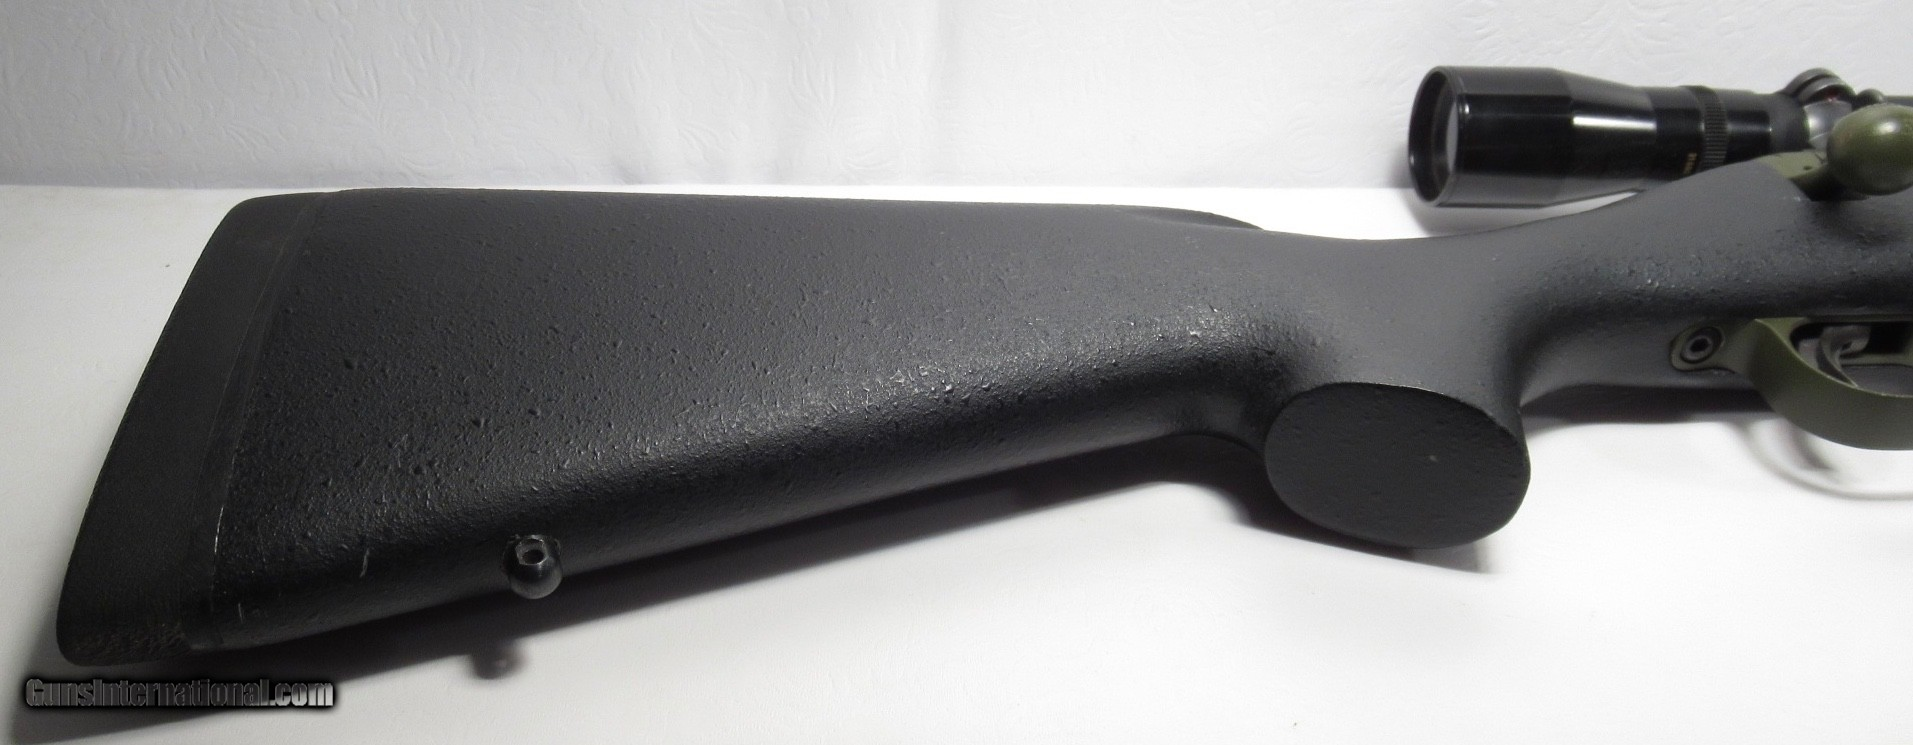 Savage 110 Custom by R T  Rifles – Austin, TX